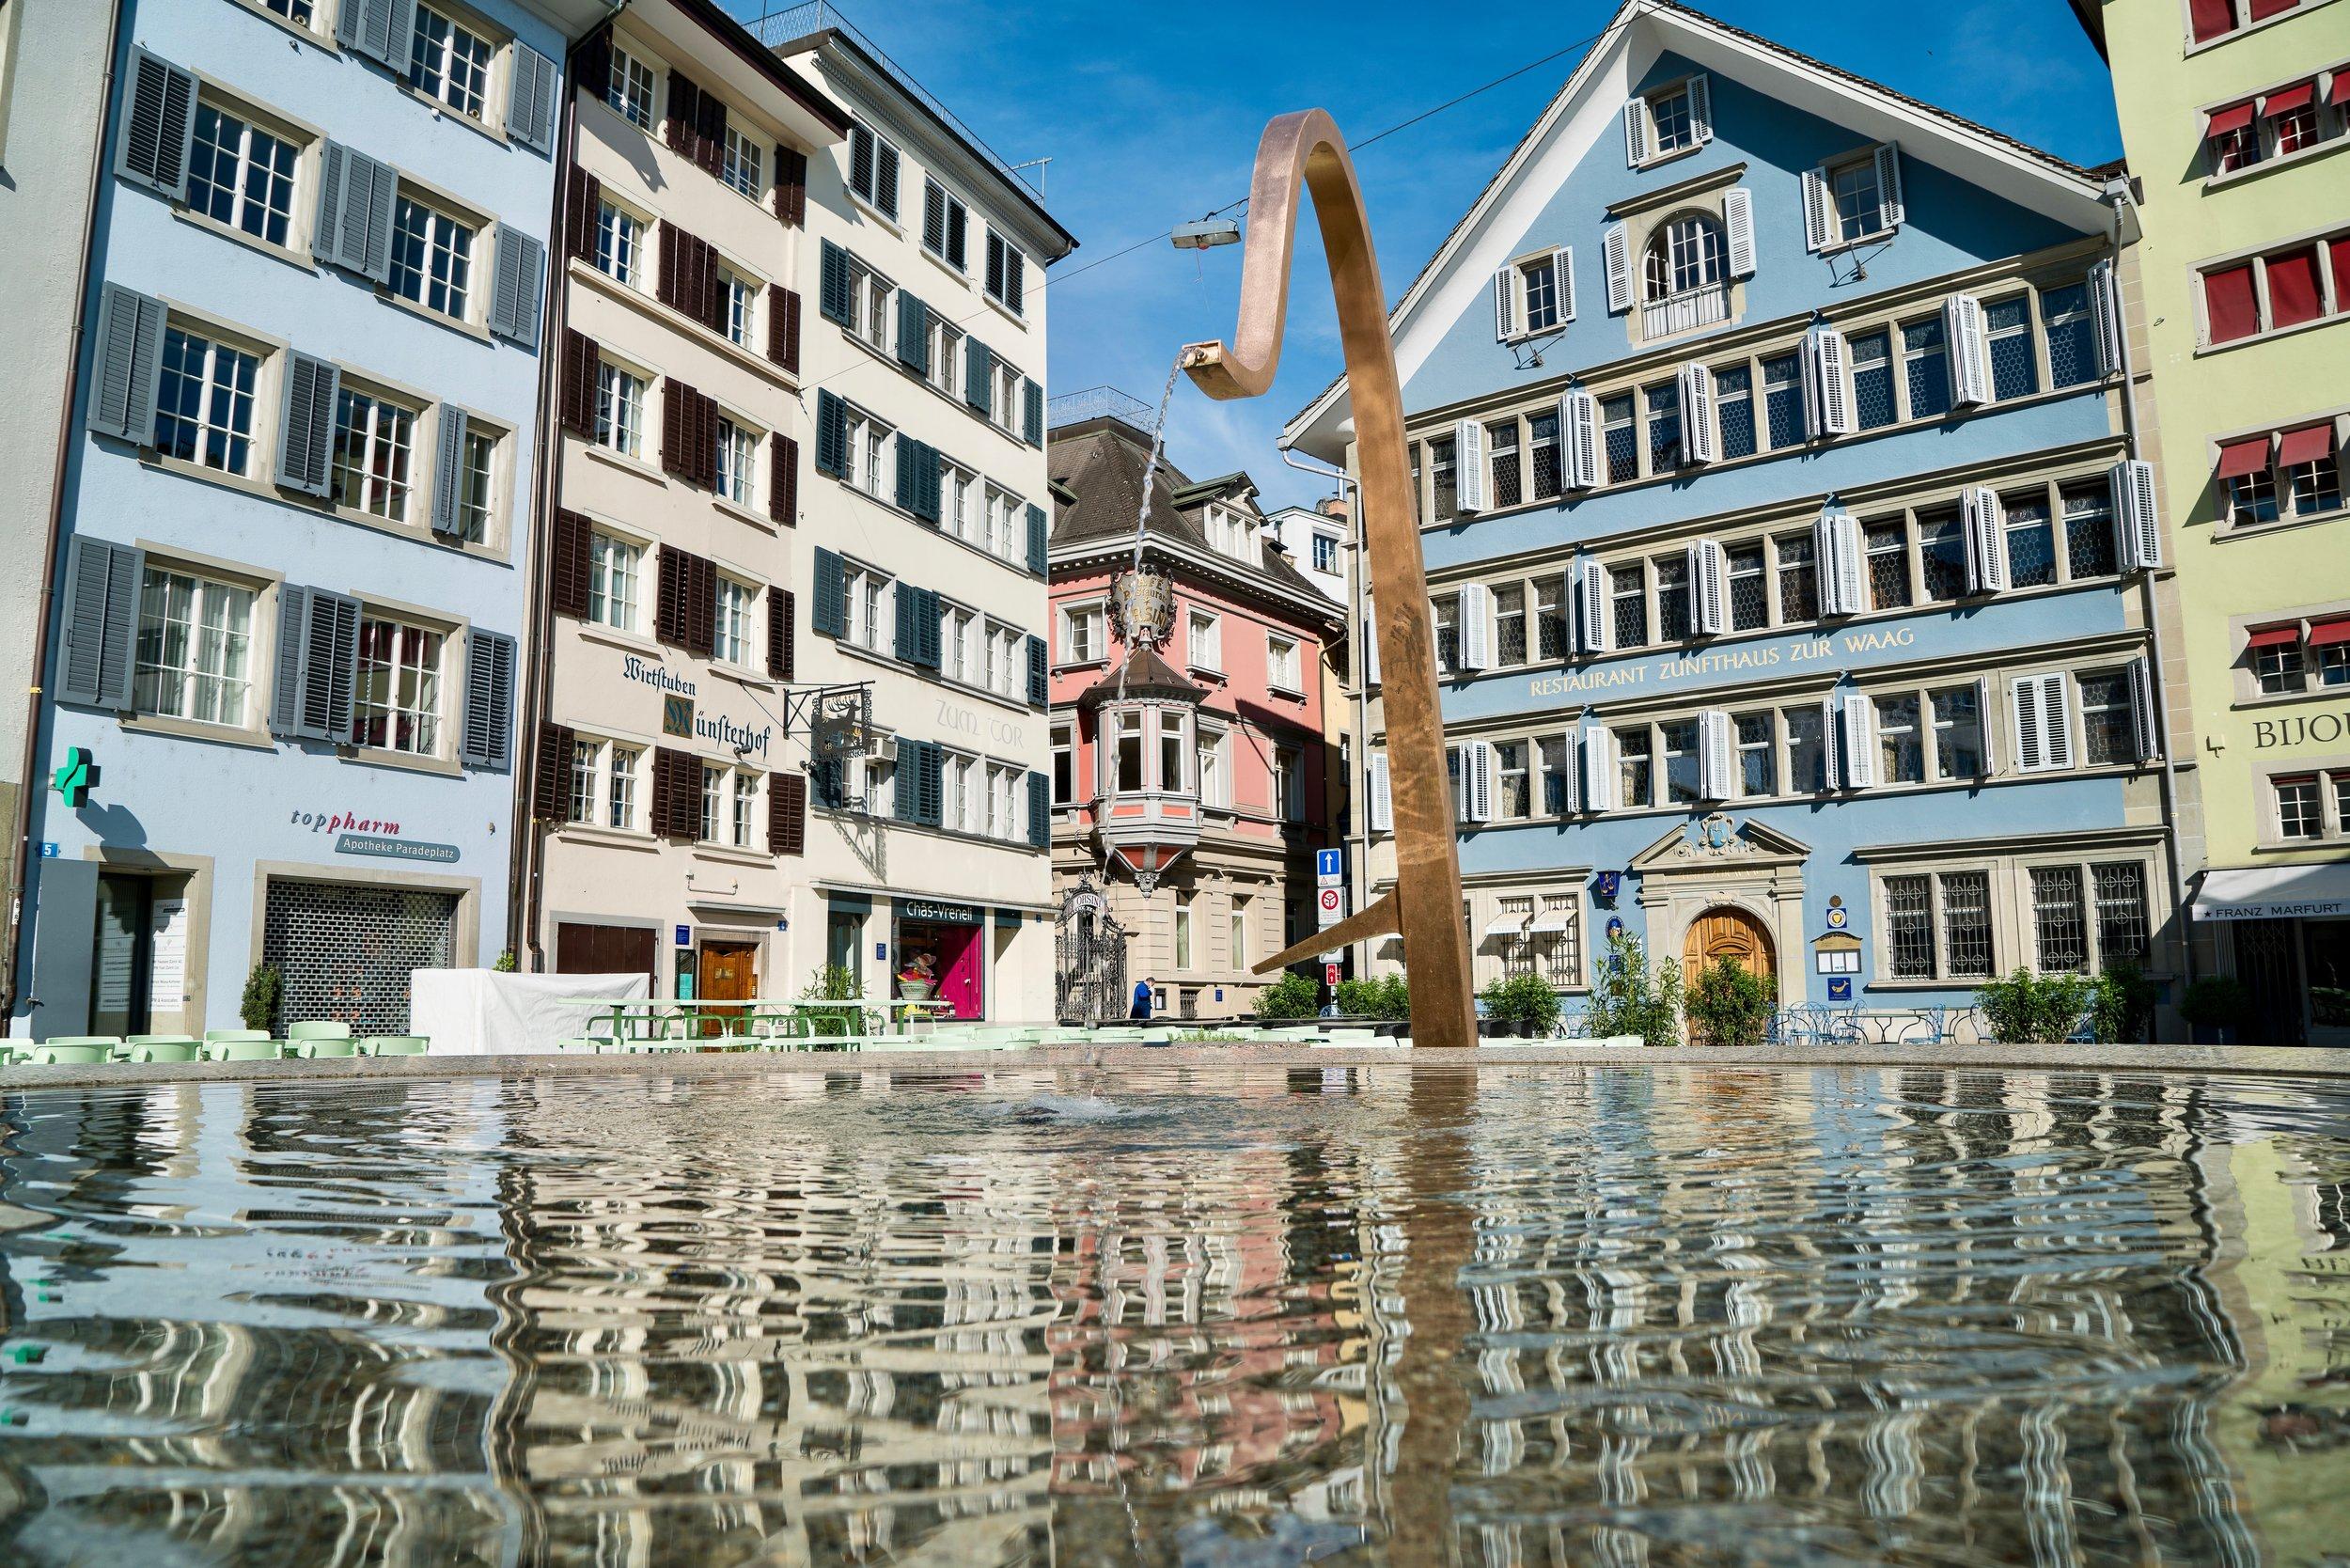 Fraumünster Platz, Zurich